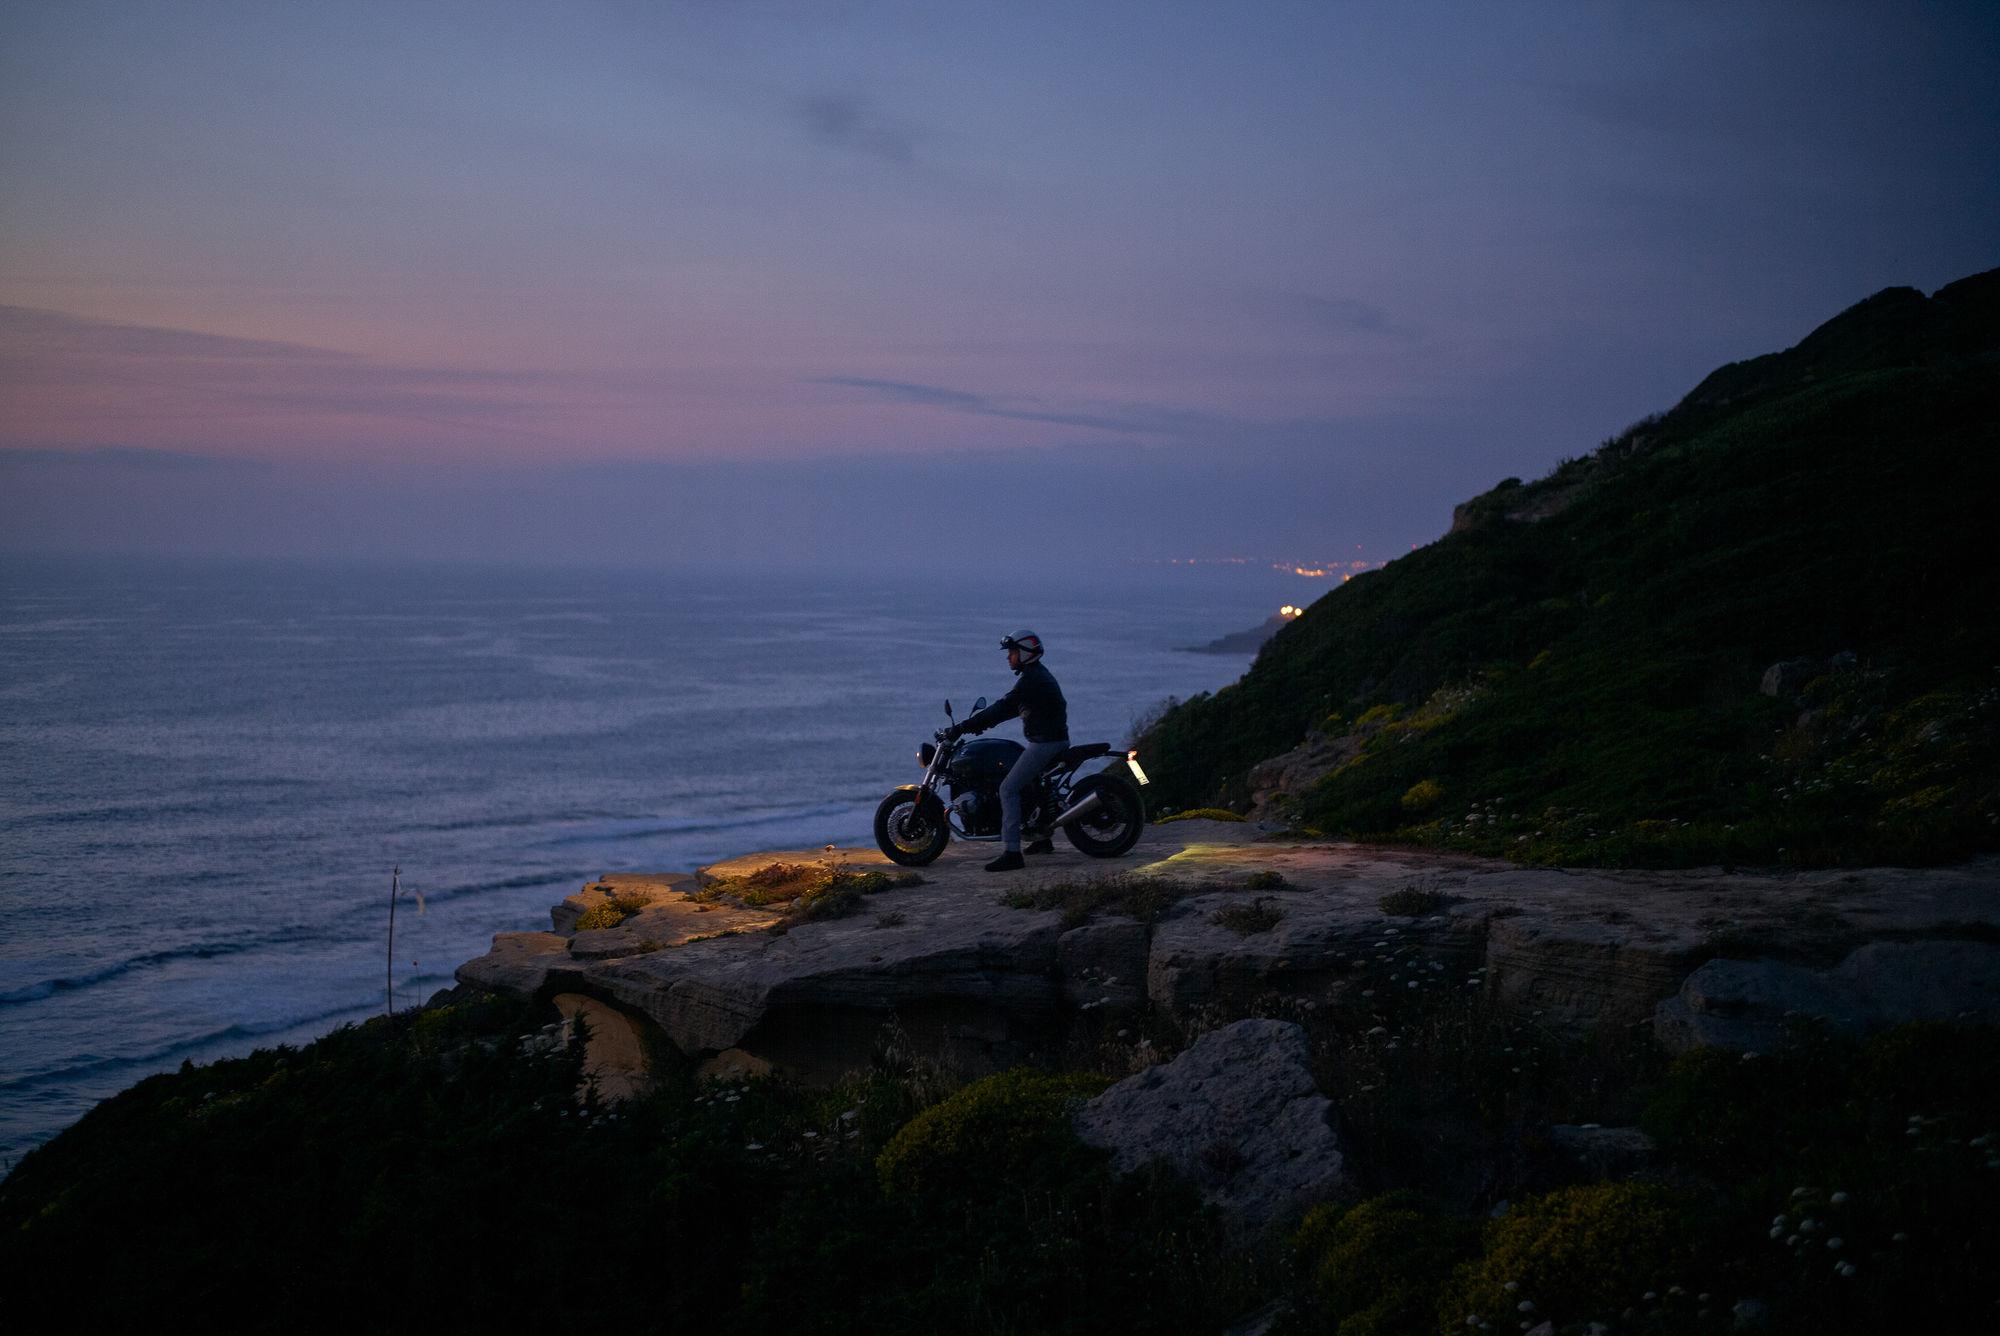 EMEIS DEUBEL, LARS BORGES, BMW Motorrad, Motorcycles